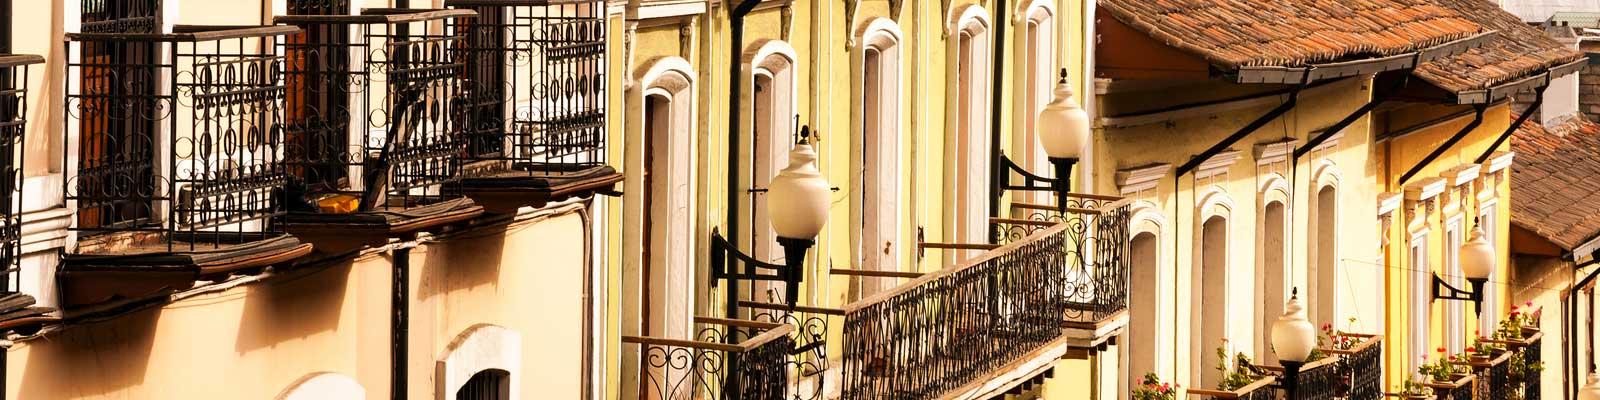 Ecuador Casas com Varanda Hotel, Resort, Passar as ferias.